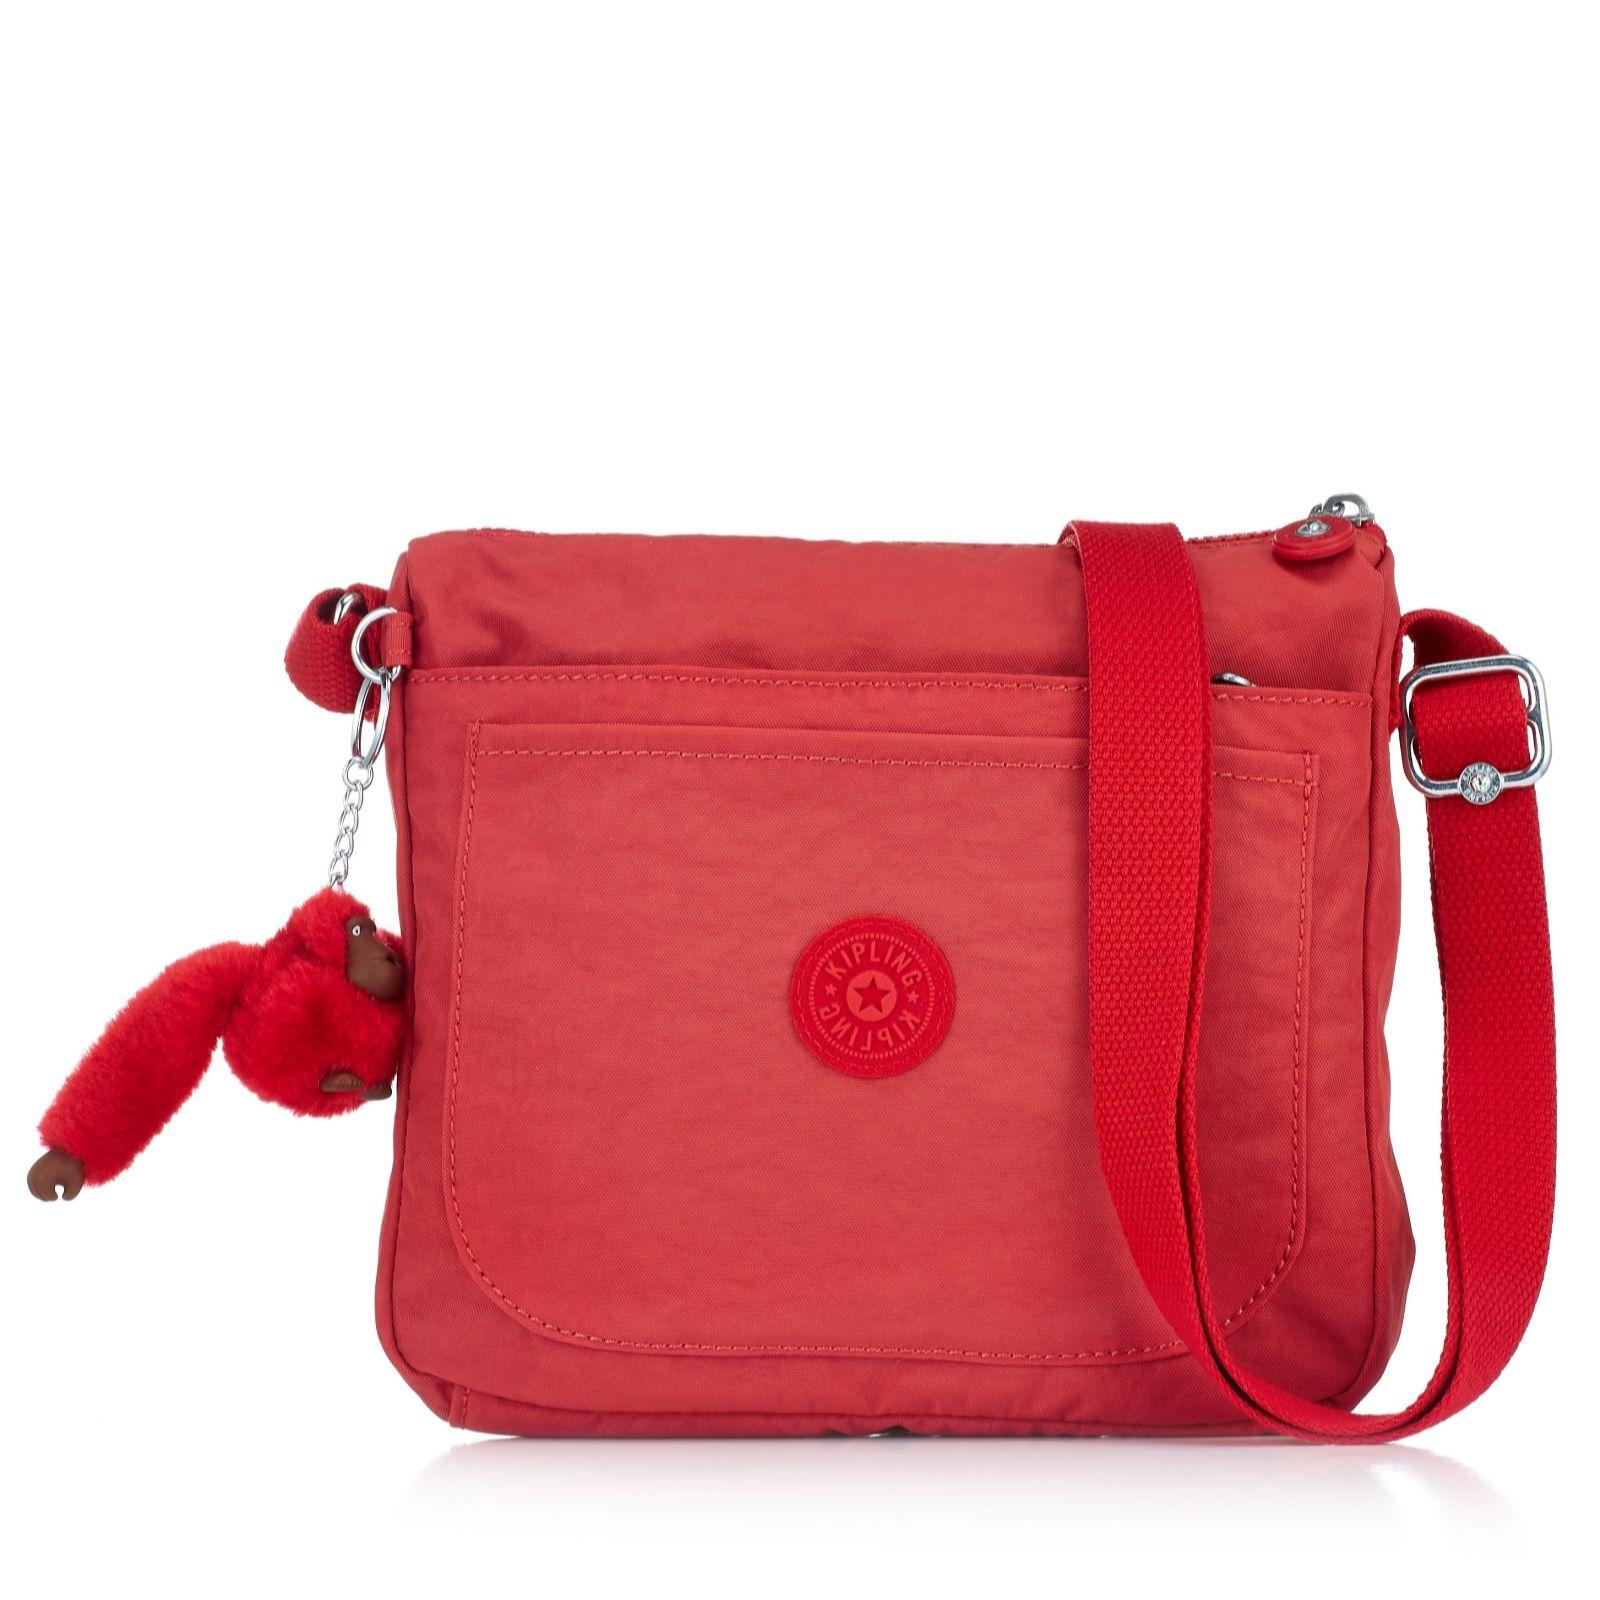 e45c7af3f8a6a Kipling Ella Small Crossbody Bag - QVC UK